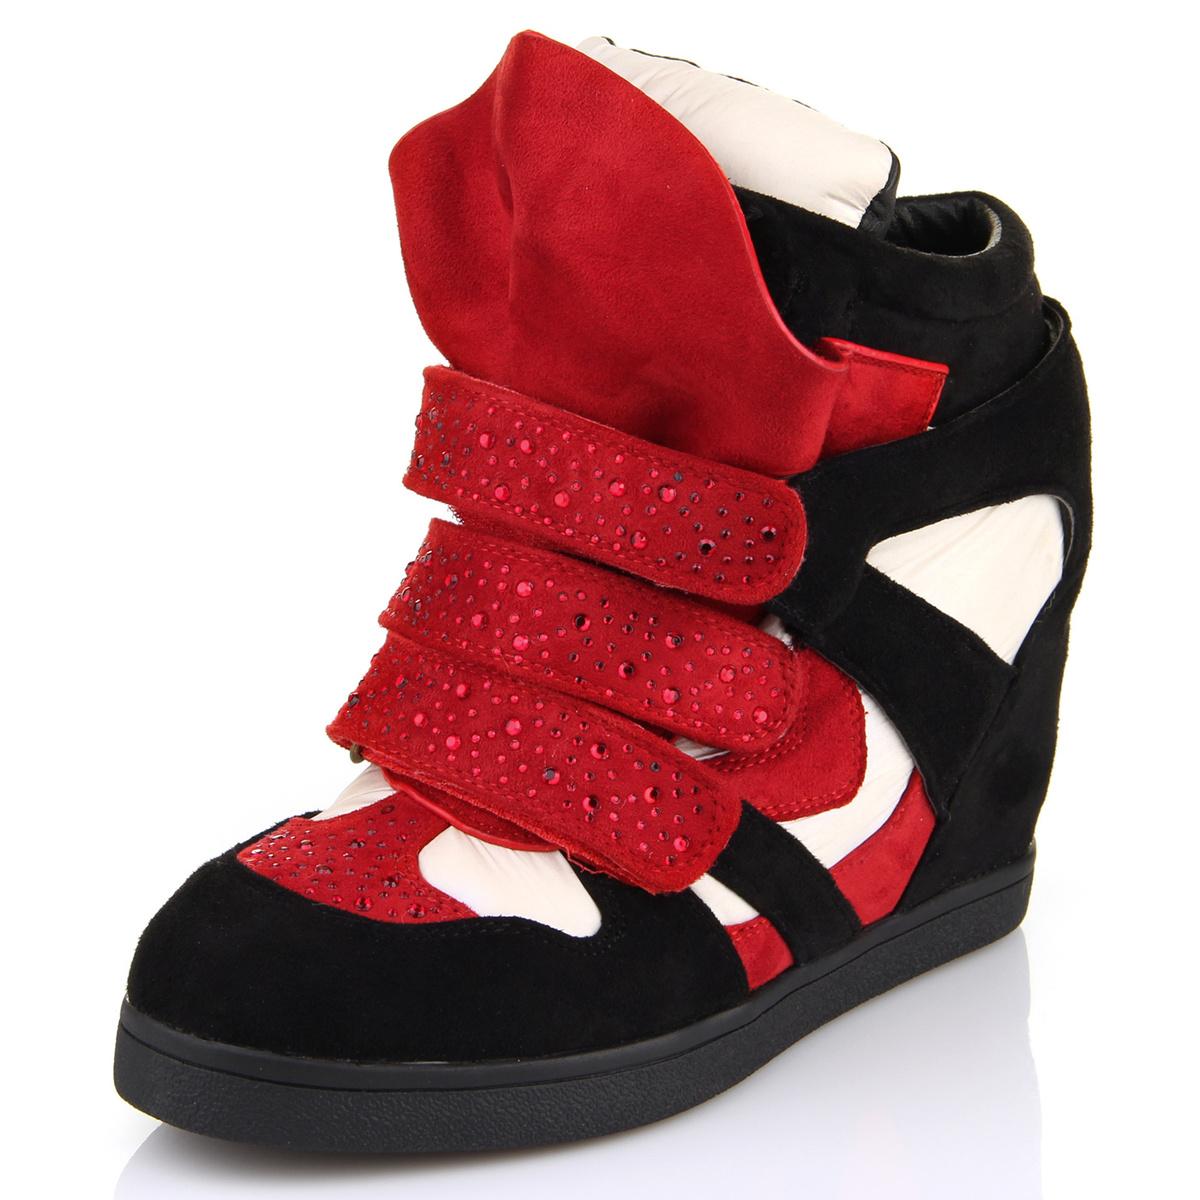 дополнительных картинки обувь женские сникерсы картинки скачать телефон